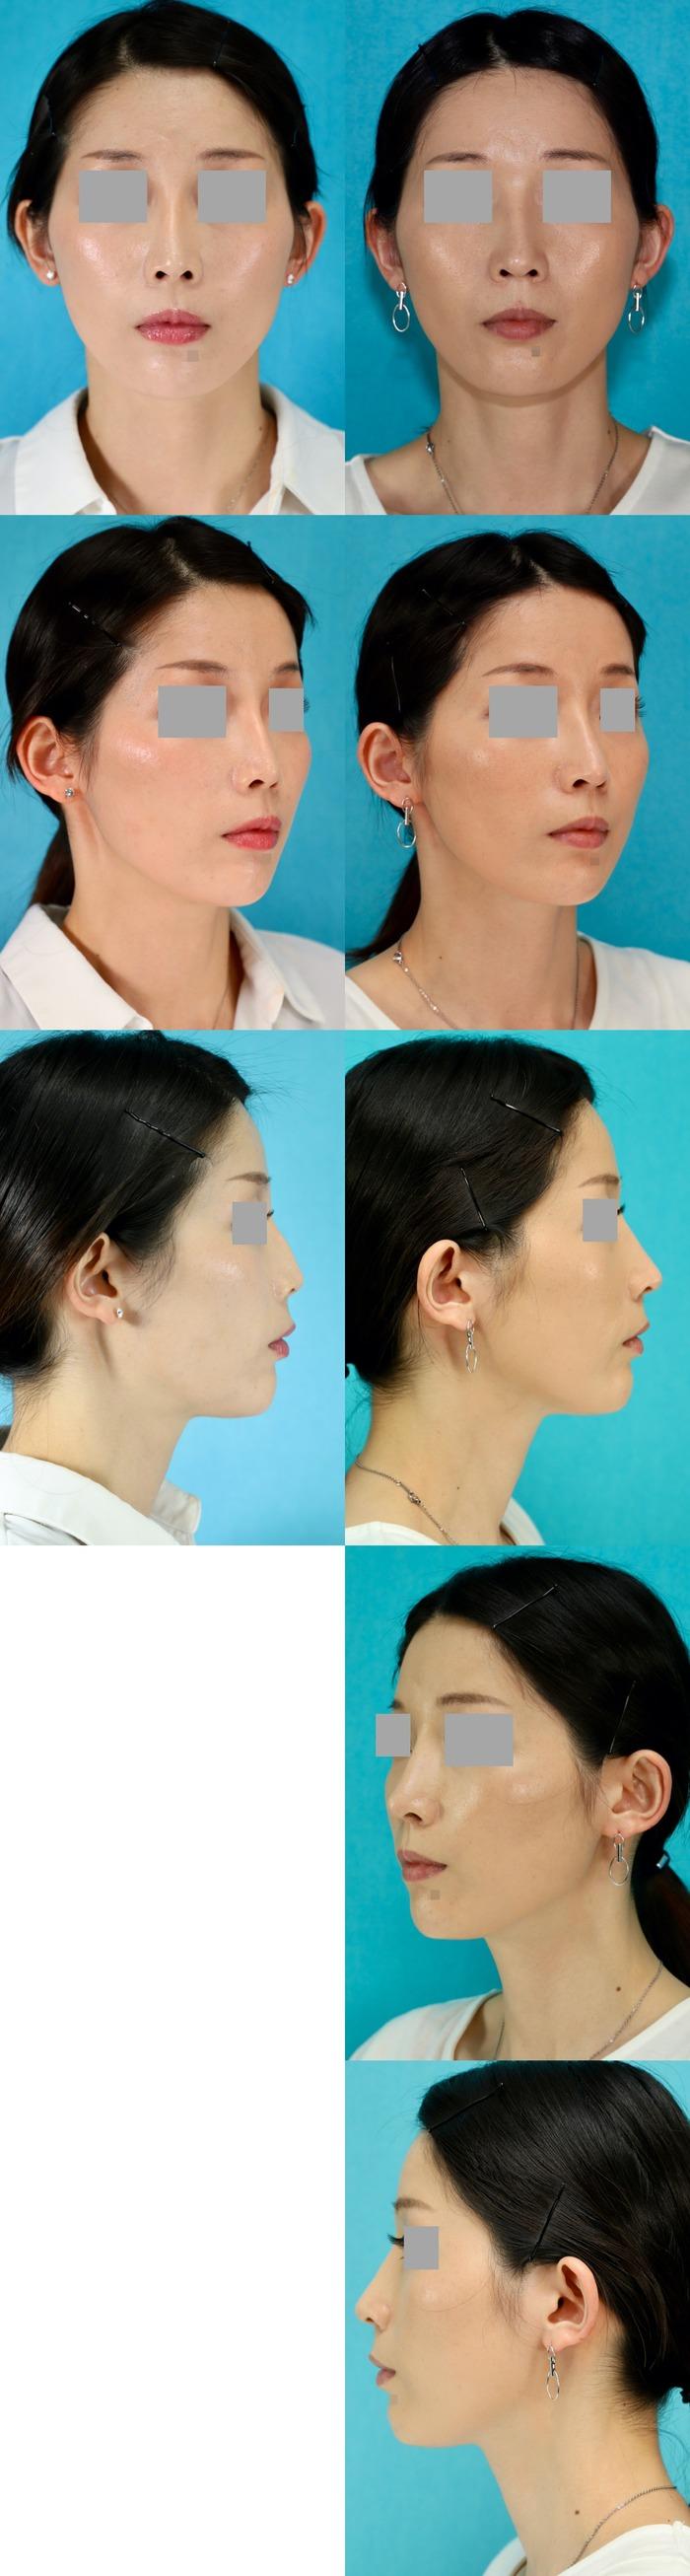 鼻中隔延長術 オーダメイドシリコン 術後8ヶ月